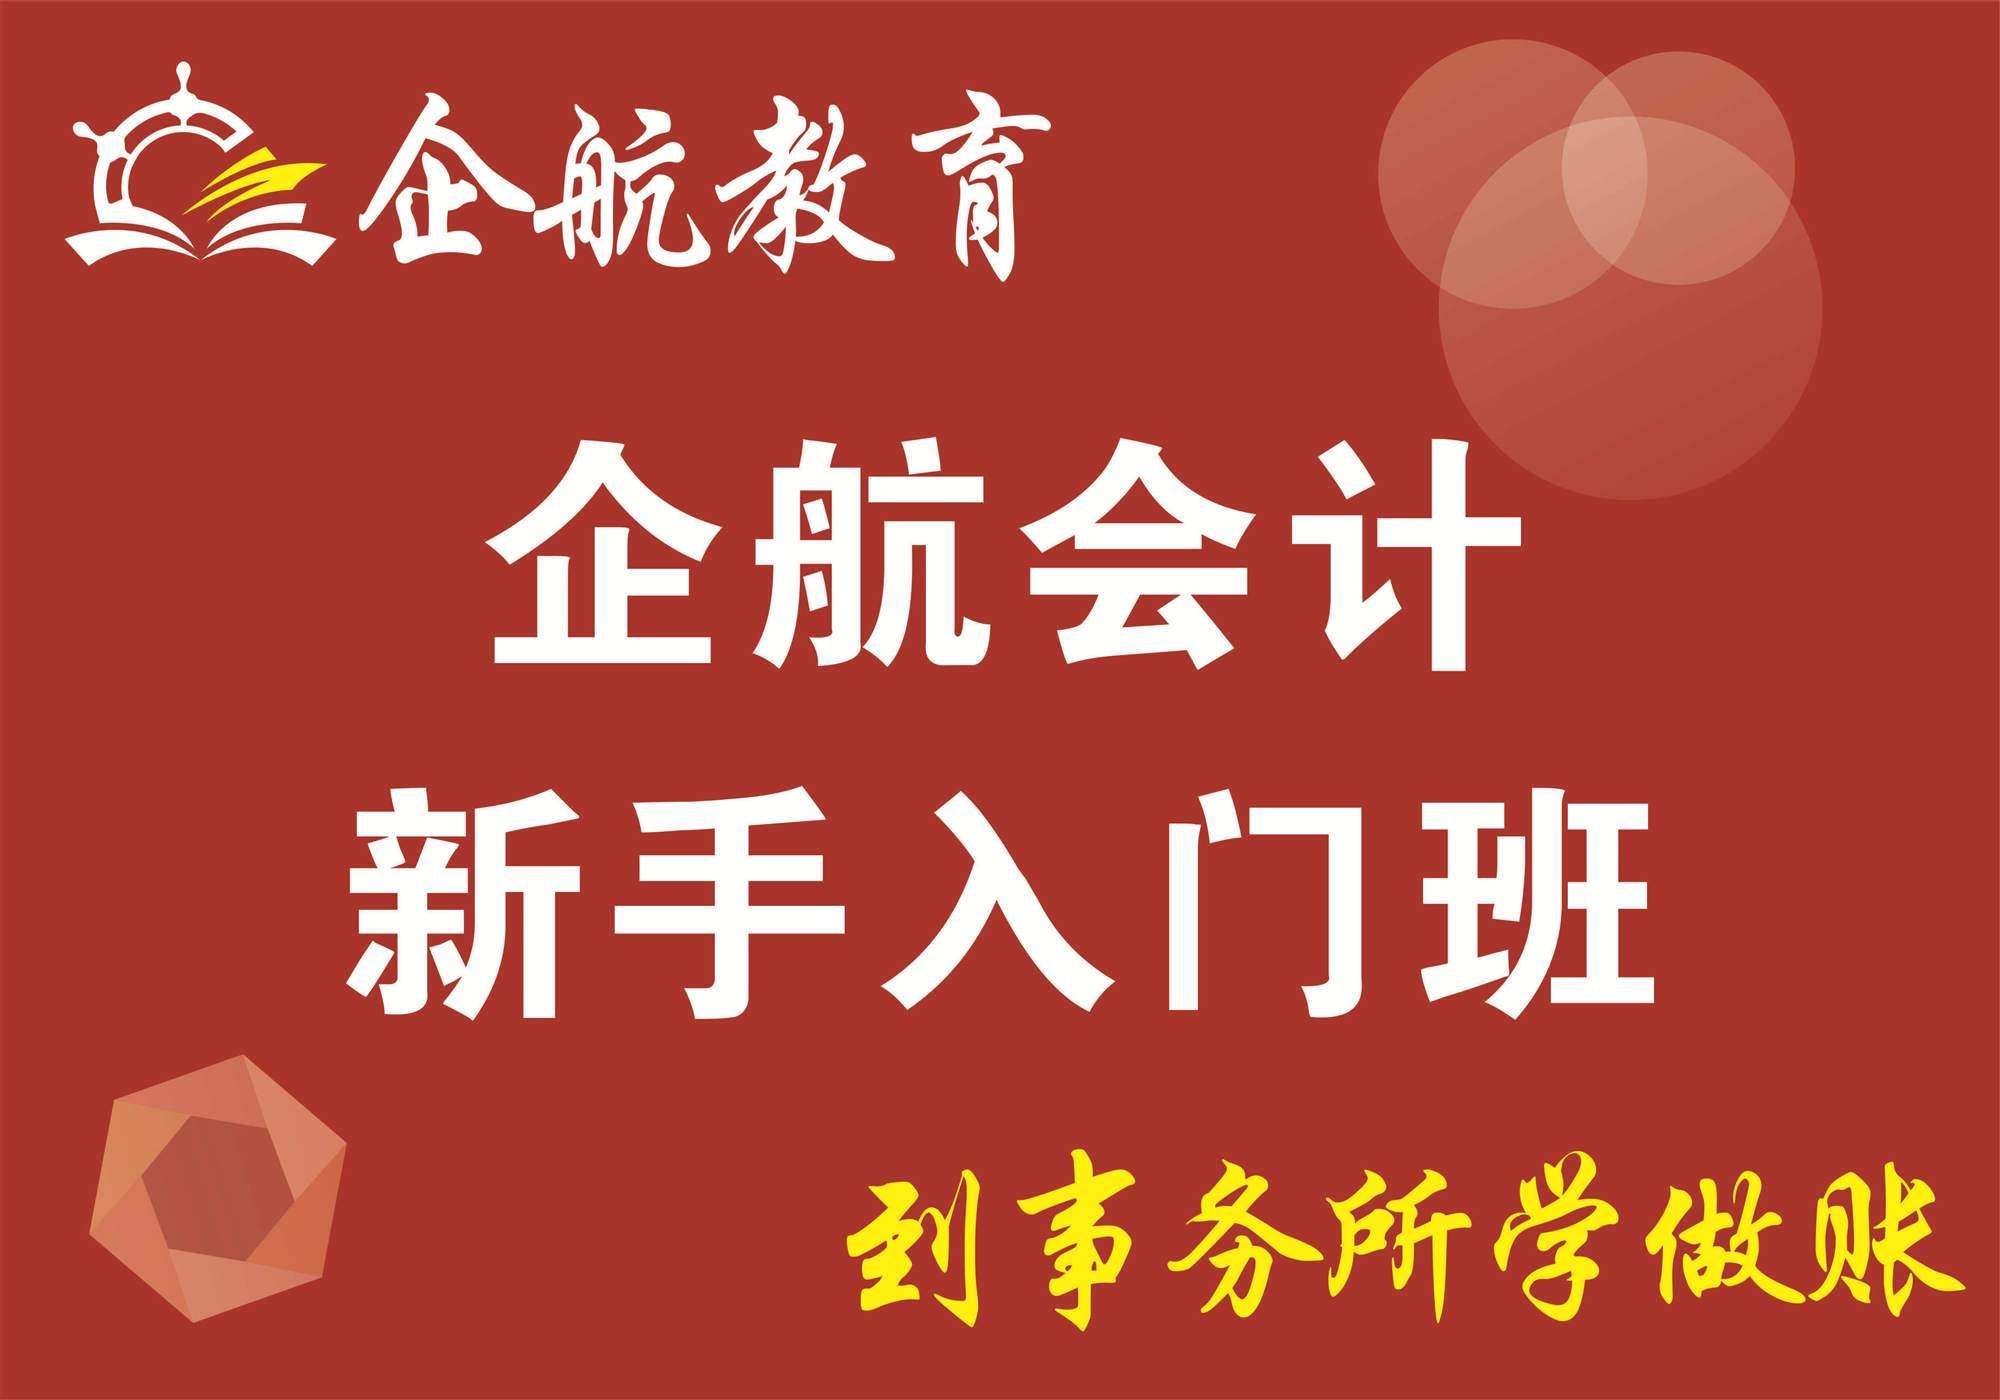 惠州会计培训企航会计就业精英级